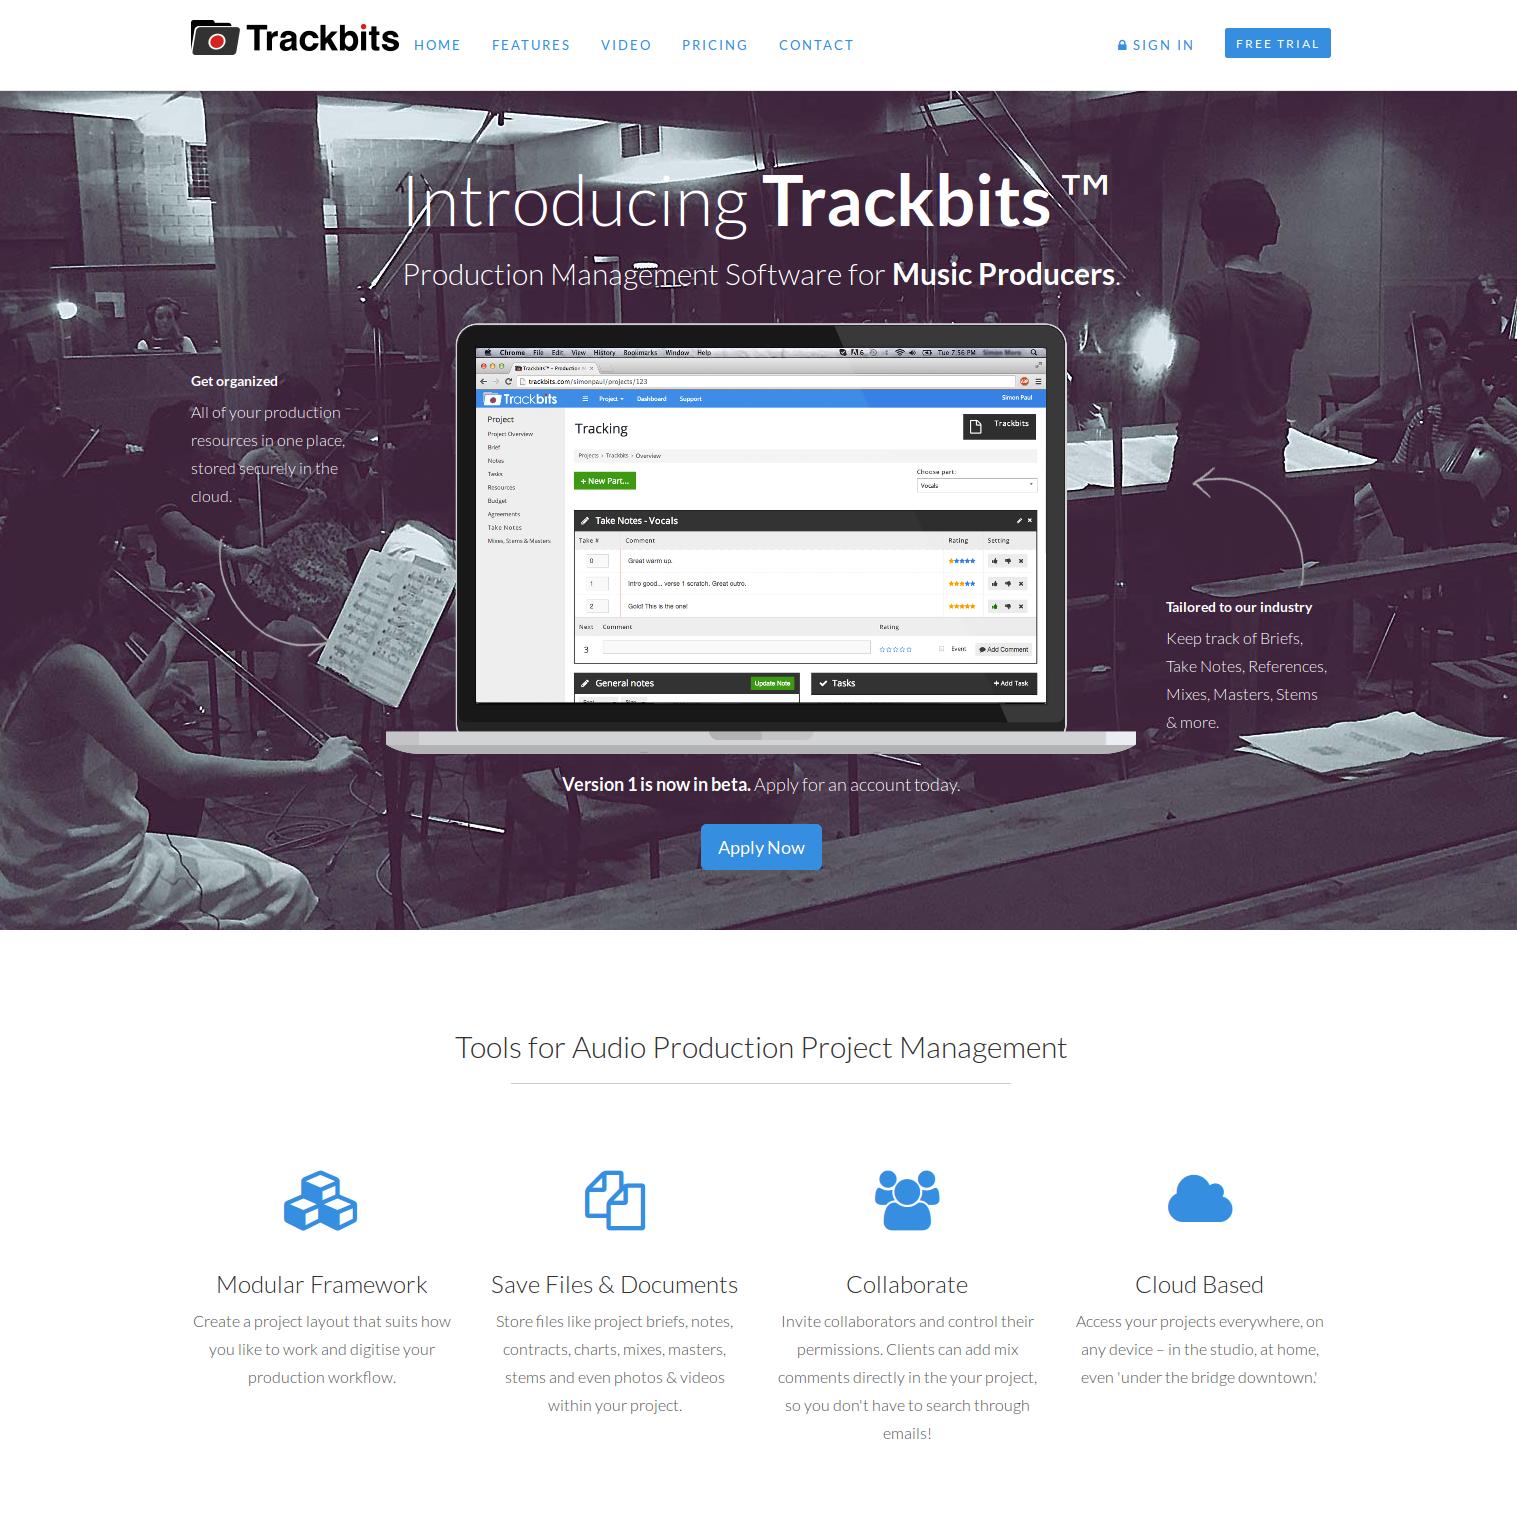 Trackbits